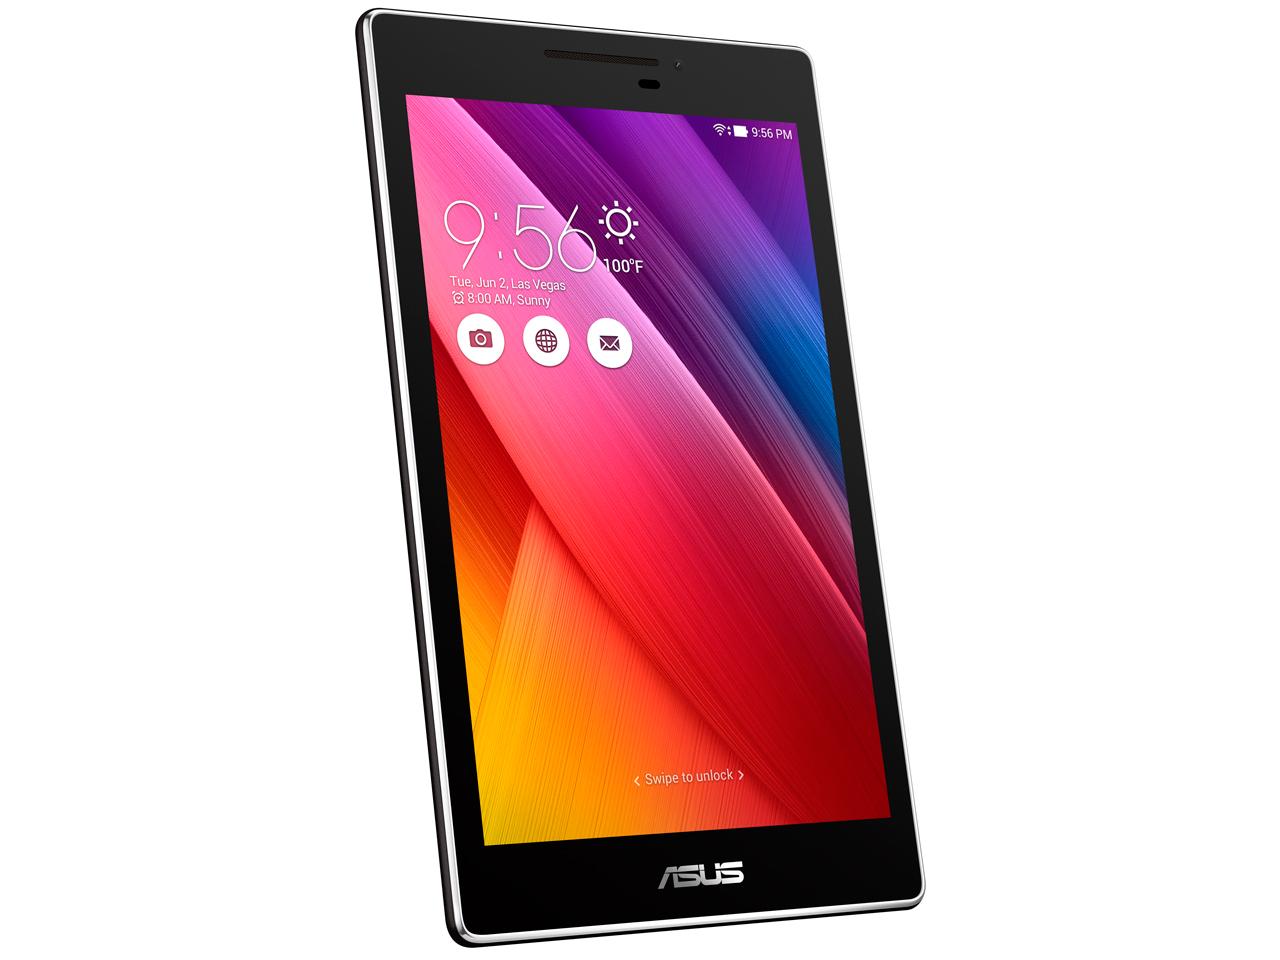 『本体2』 ASUS ZenPad 7.0 Z370C-BK16 [ブラック] の製品画像